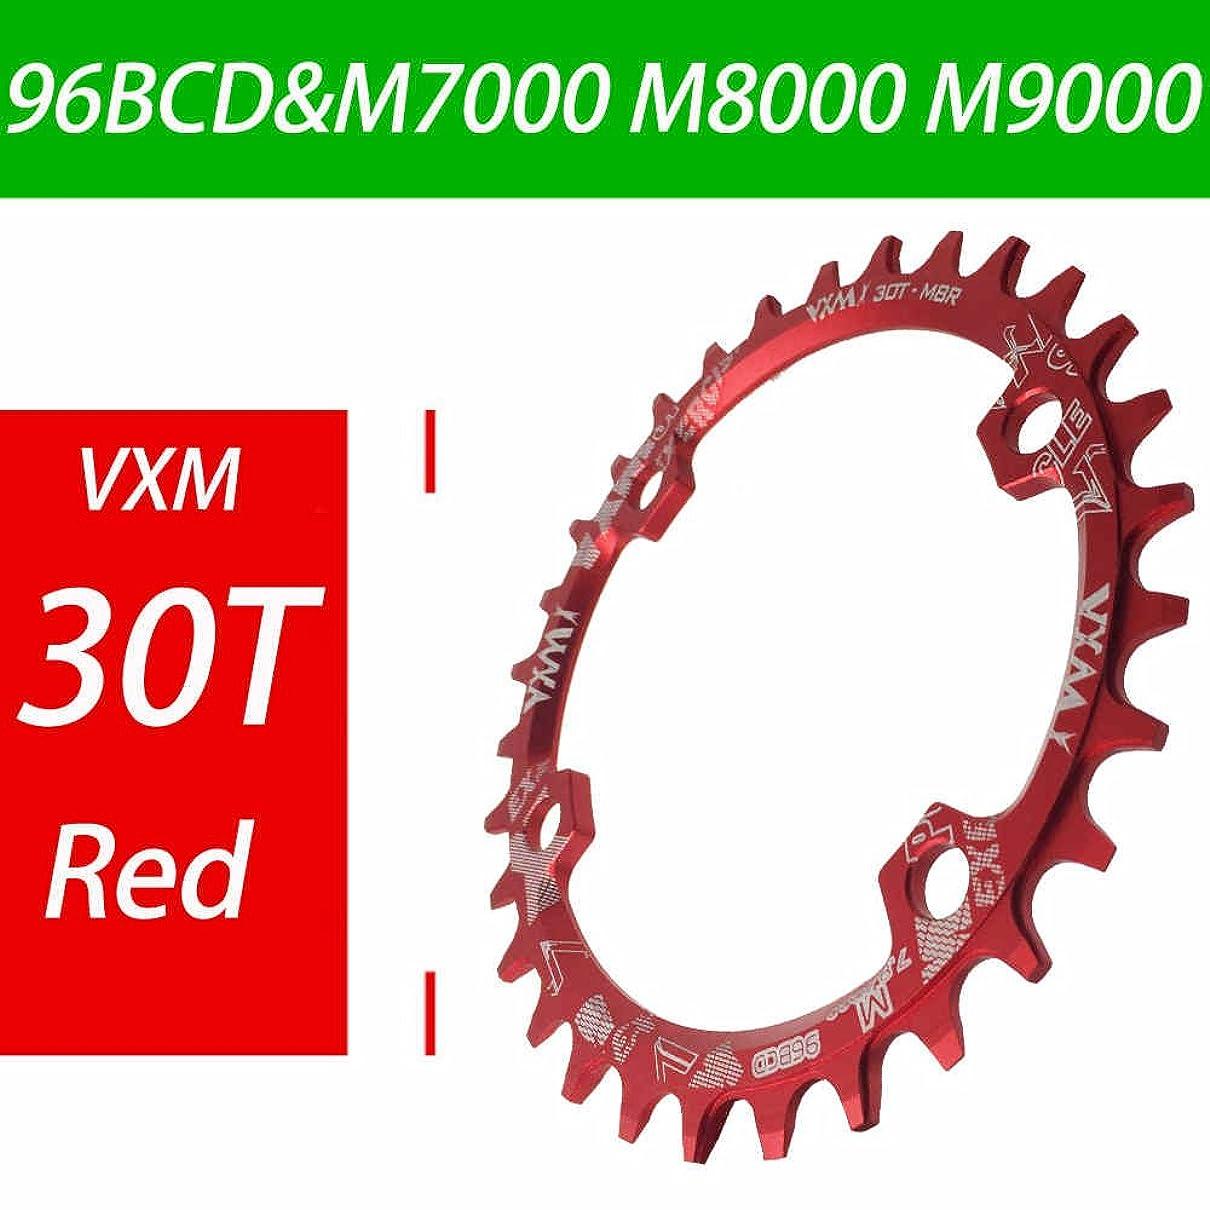 危険試してみるラフPropenary - Bicycle 96BCD Crank 30T Chainwheel Aluminum Alloy Round Chain ring Chainwheel Road Bicycle Chain ring for M7000 M8000 M9000 [ Red ]